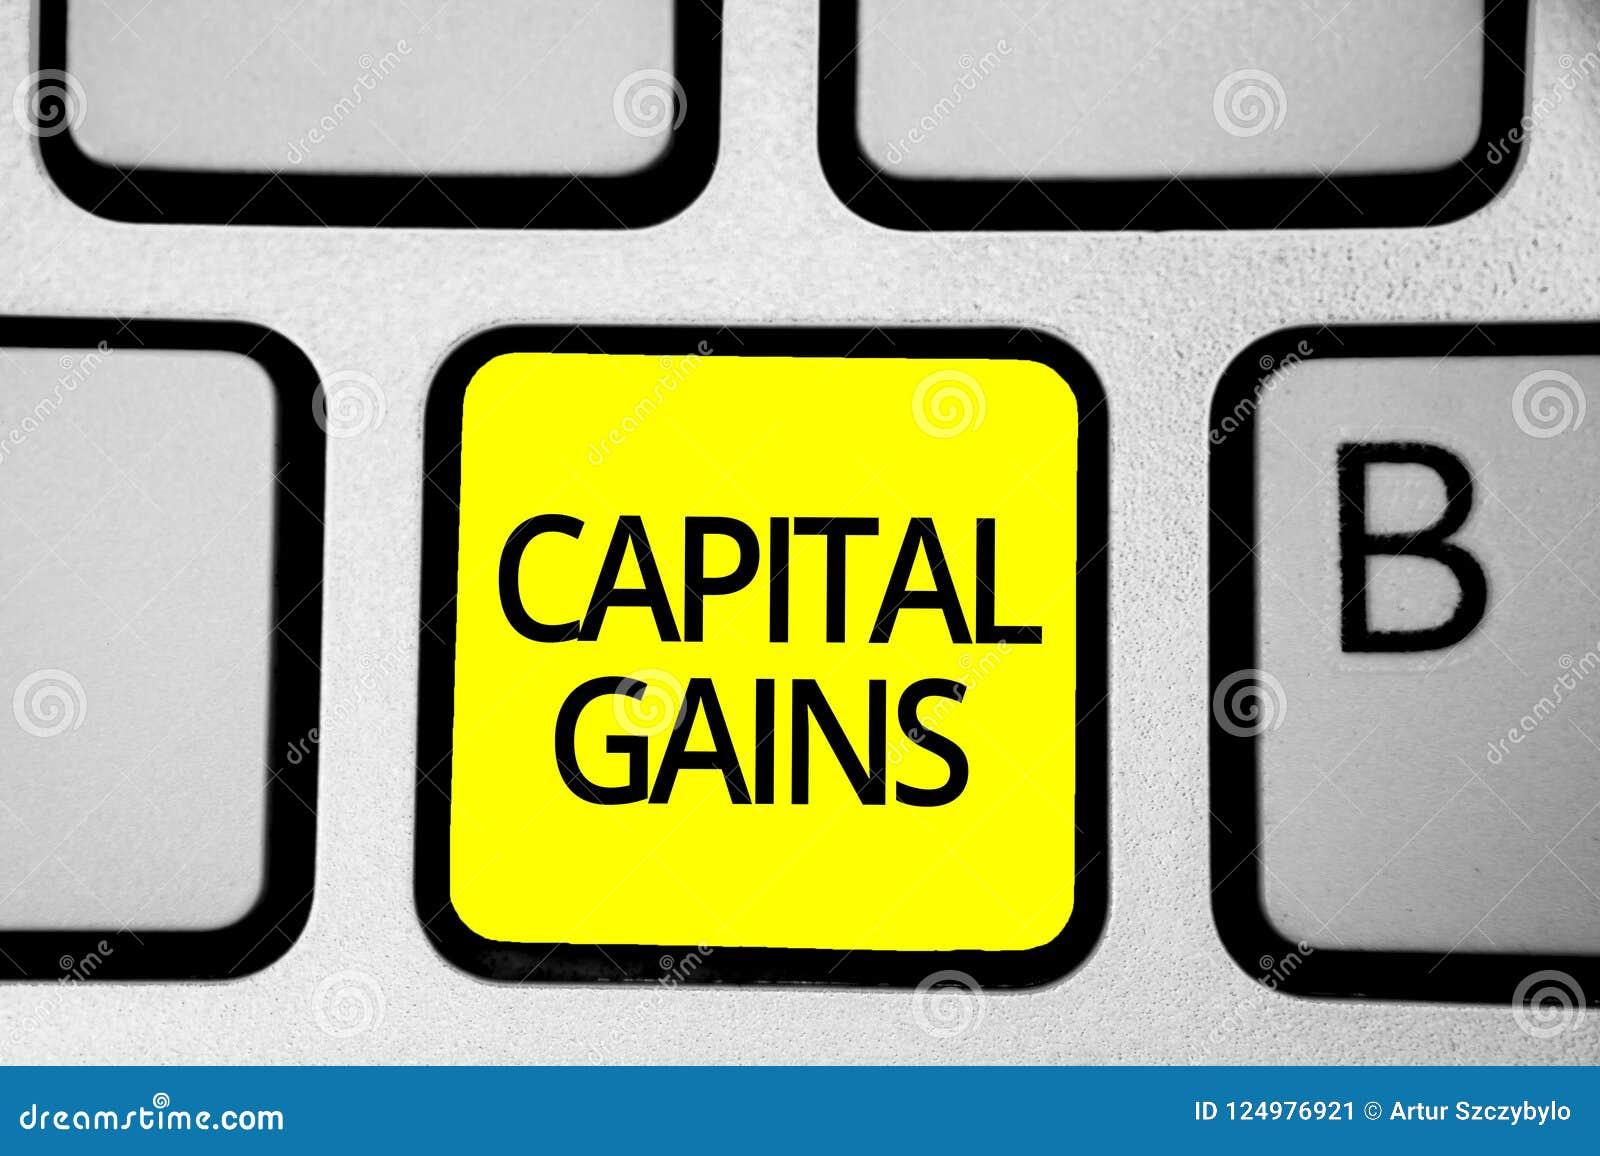 写资本收益的手写文本 概念意思债券份额股票赢利所得税投资基金键盘黄色钥匙